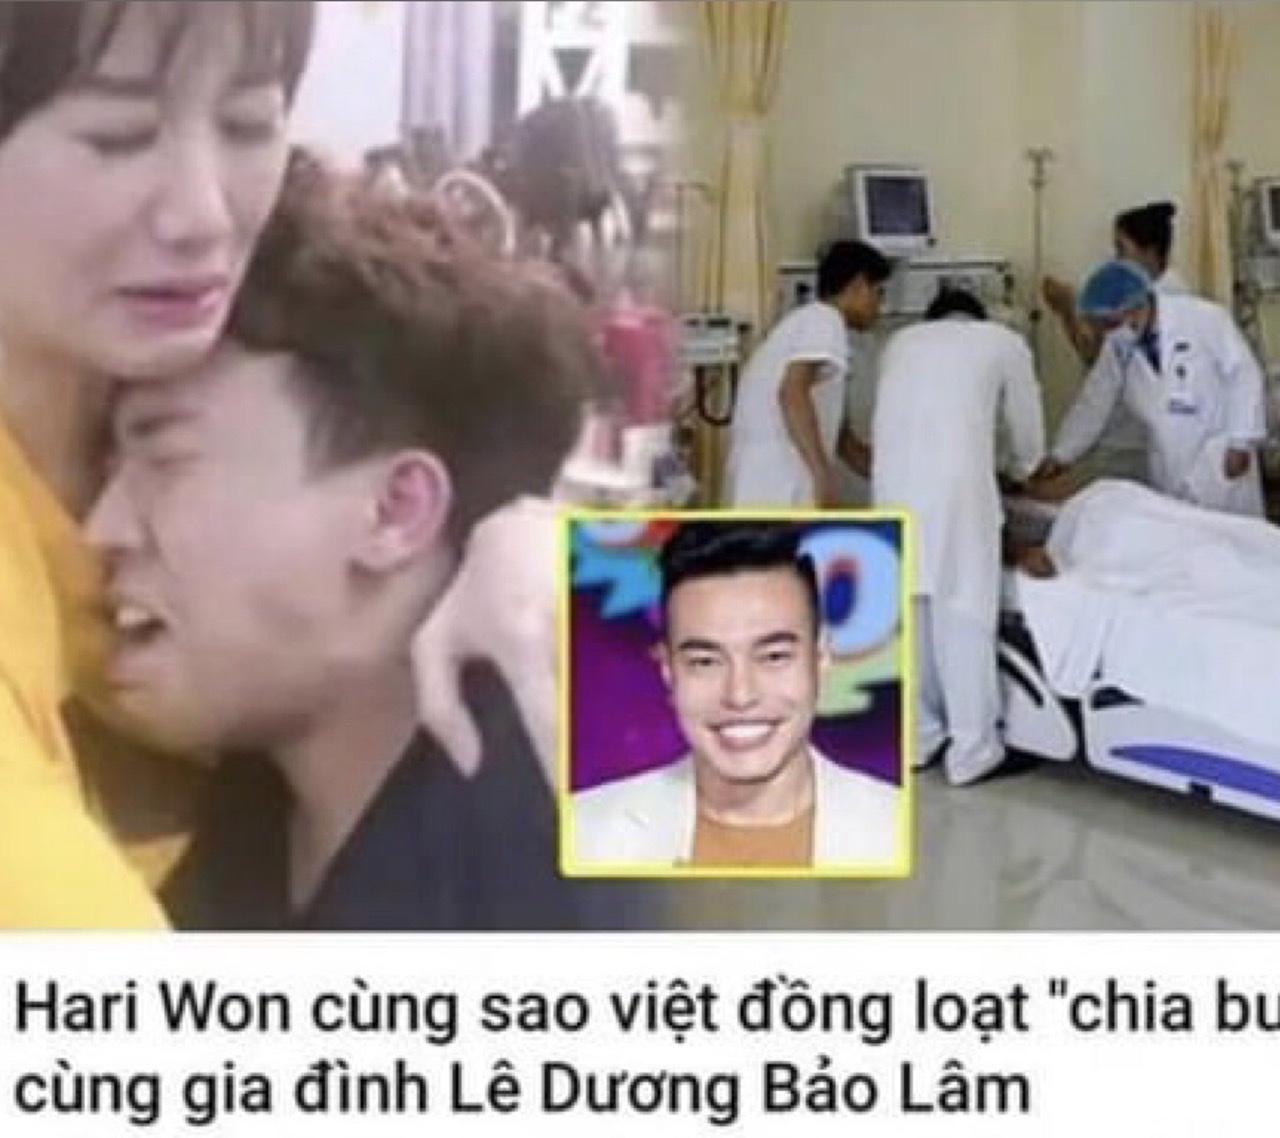 """""""Thánh livestream"""" ngã ngửa khi biết tin Hari Won cùng loạt sao Việt khóc nghẹn trong đám tang của... mình - 1"""